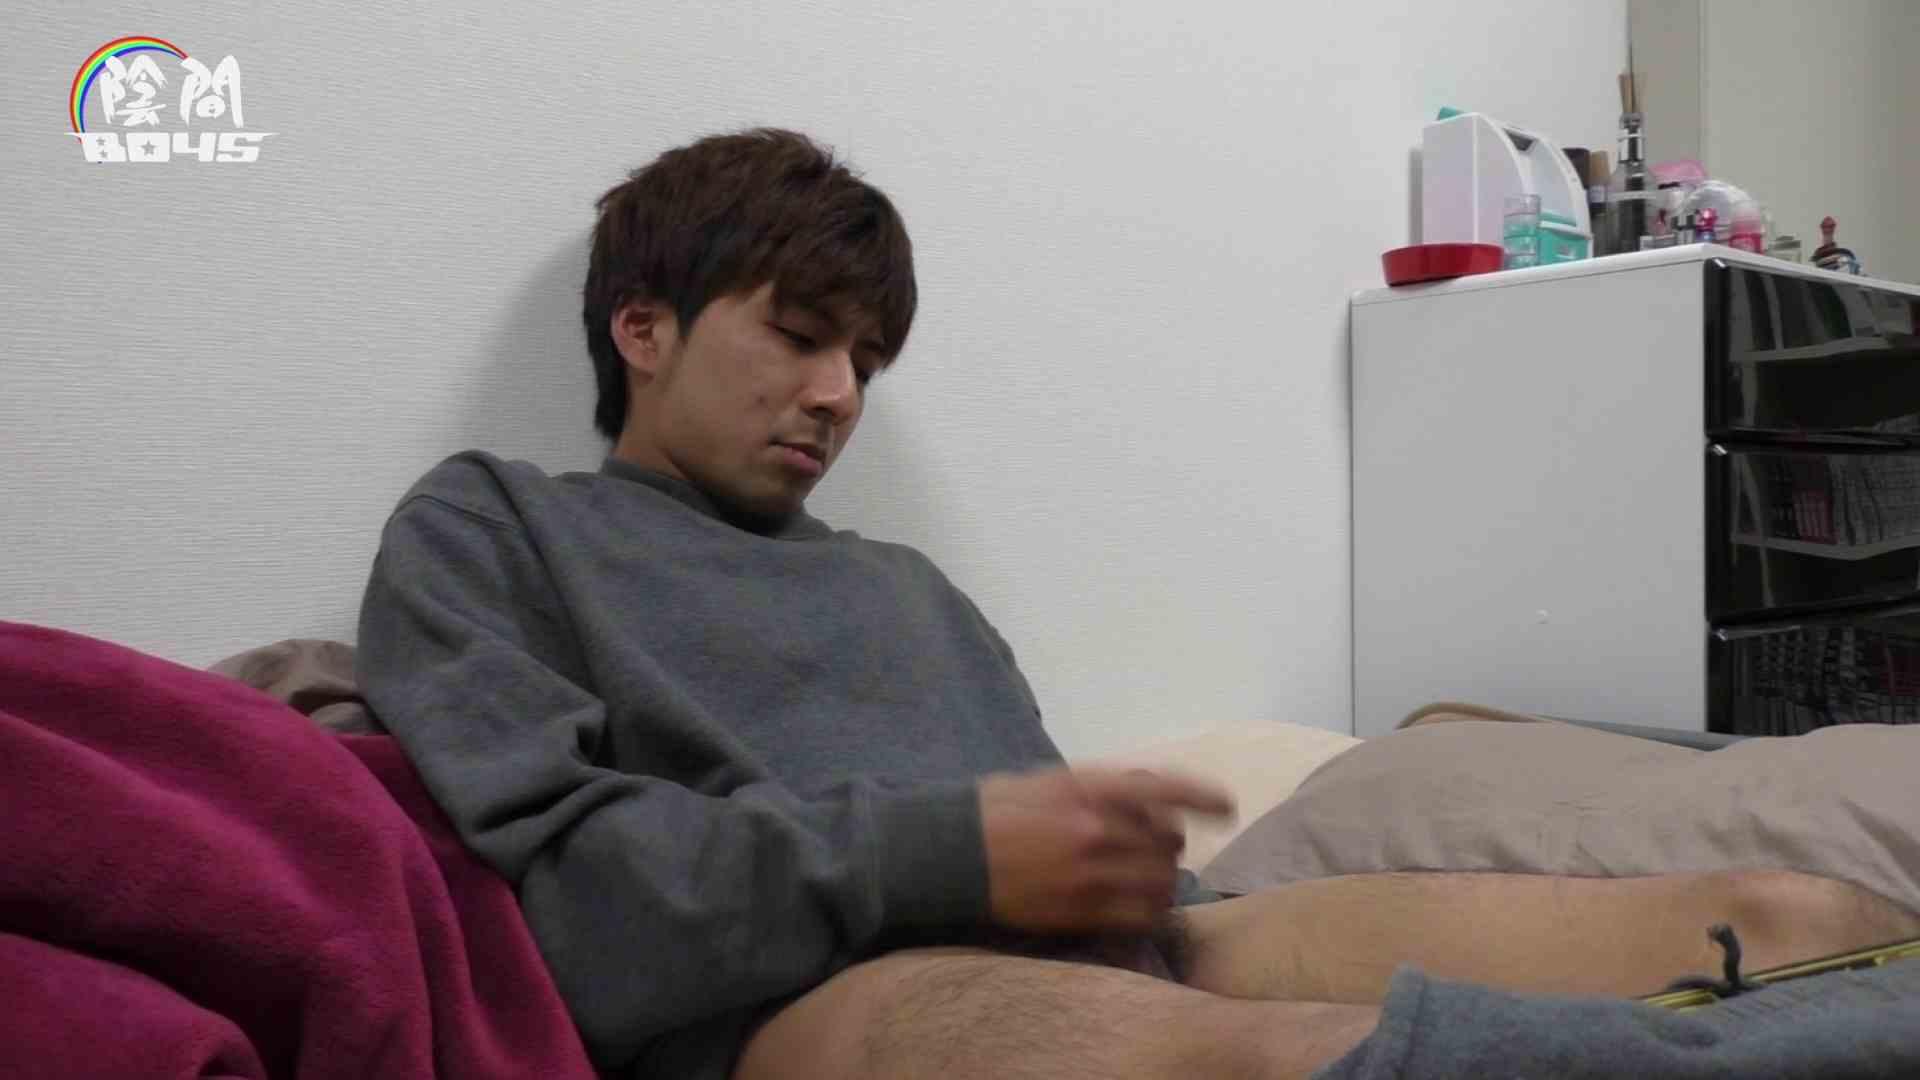 アナルは決して眠らない No.01 アナル ゲイザーメン画像 90枚 12